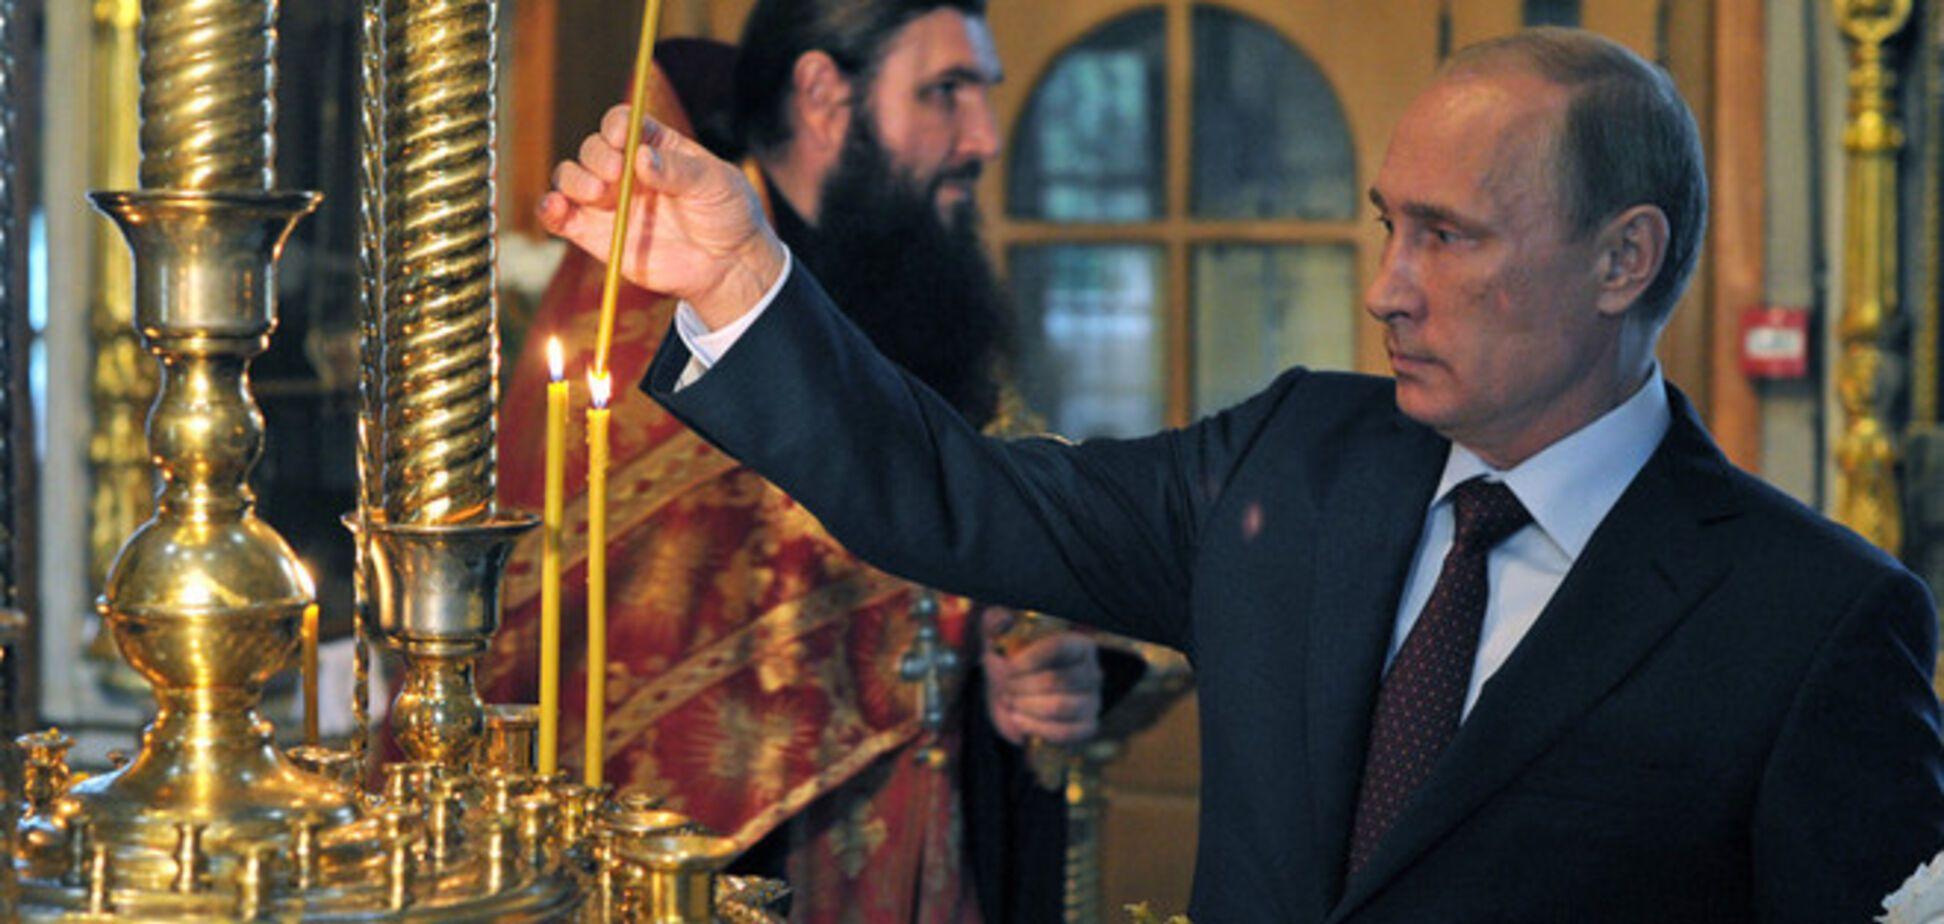 Путин закрыл проект 'Новороссия', итоги ужасны - Немцов